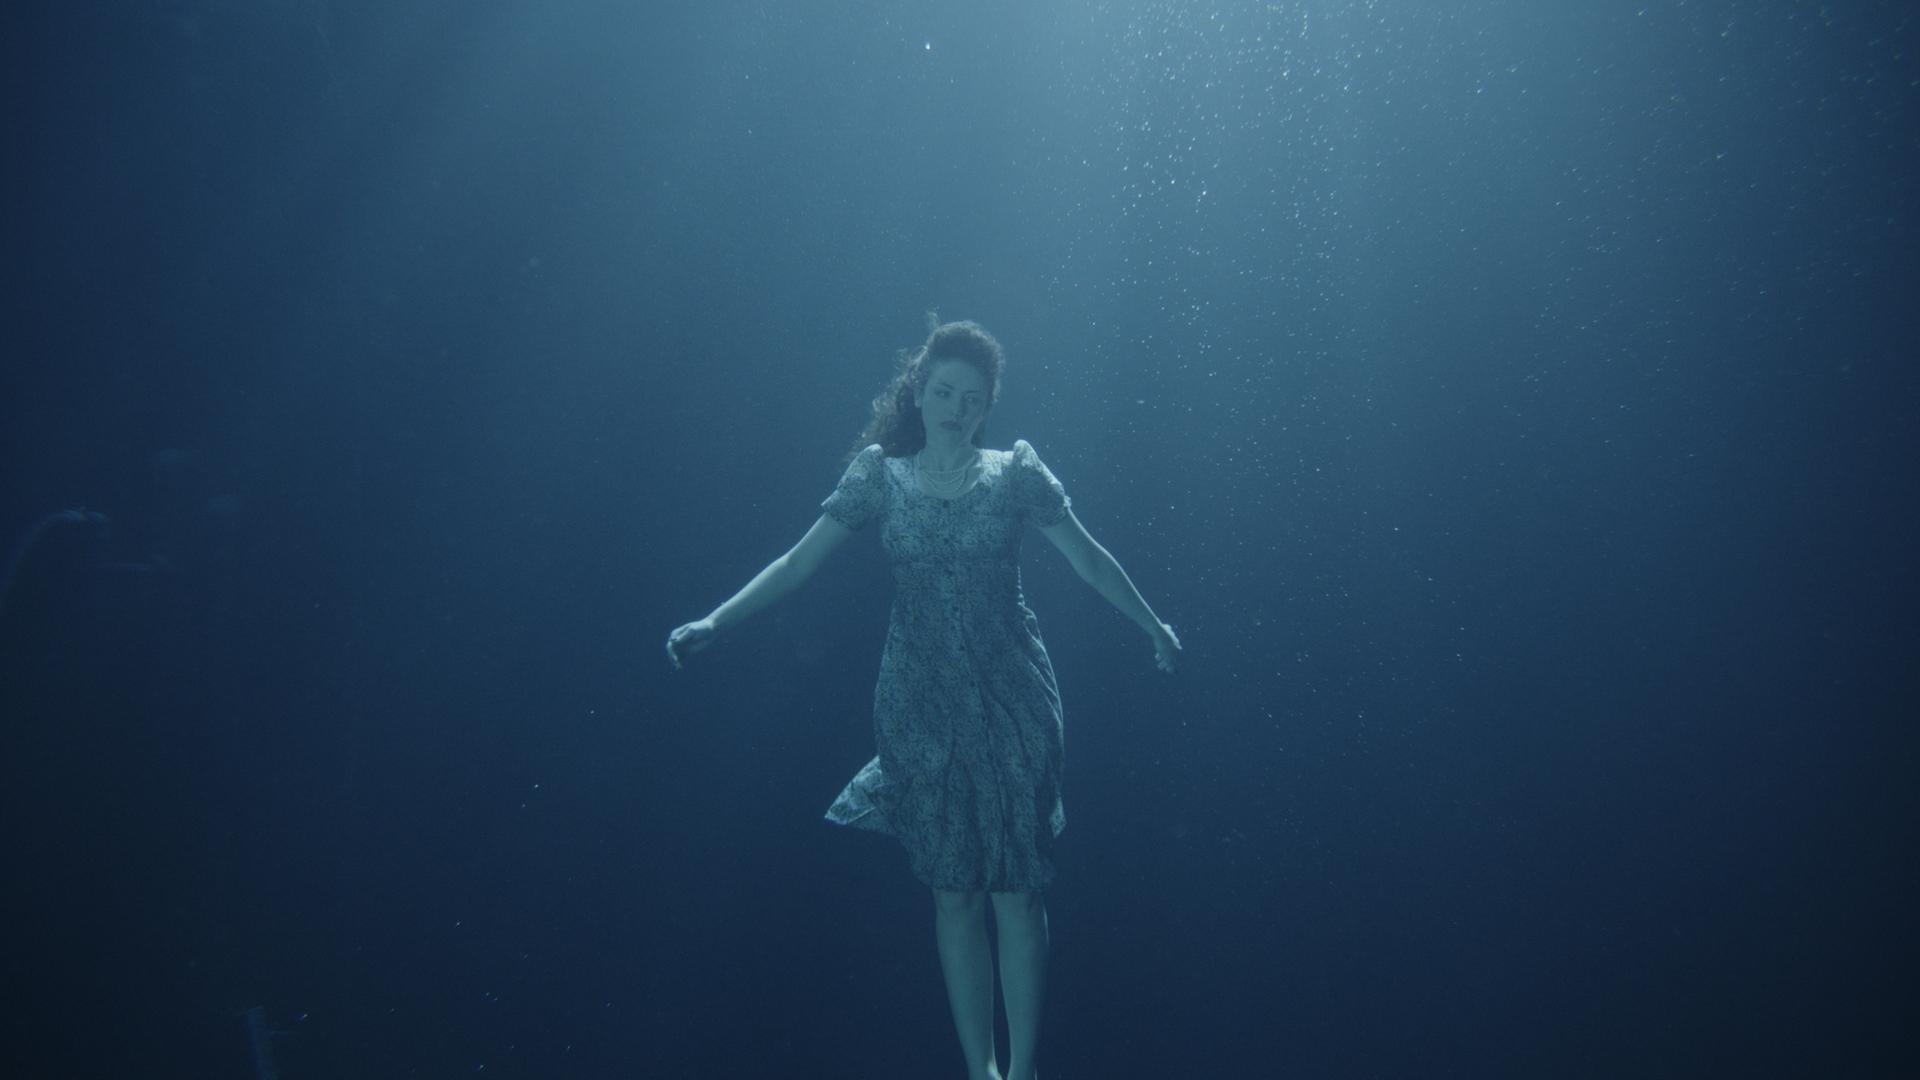 ww-mirror-underwater_1.7.4